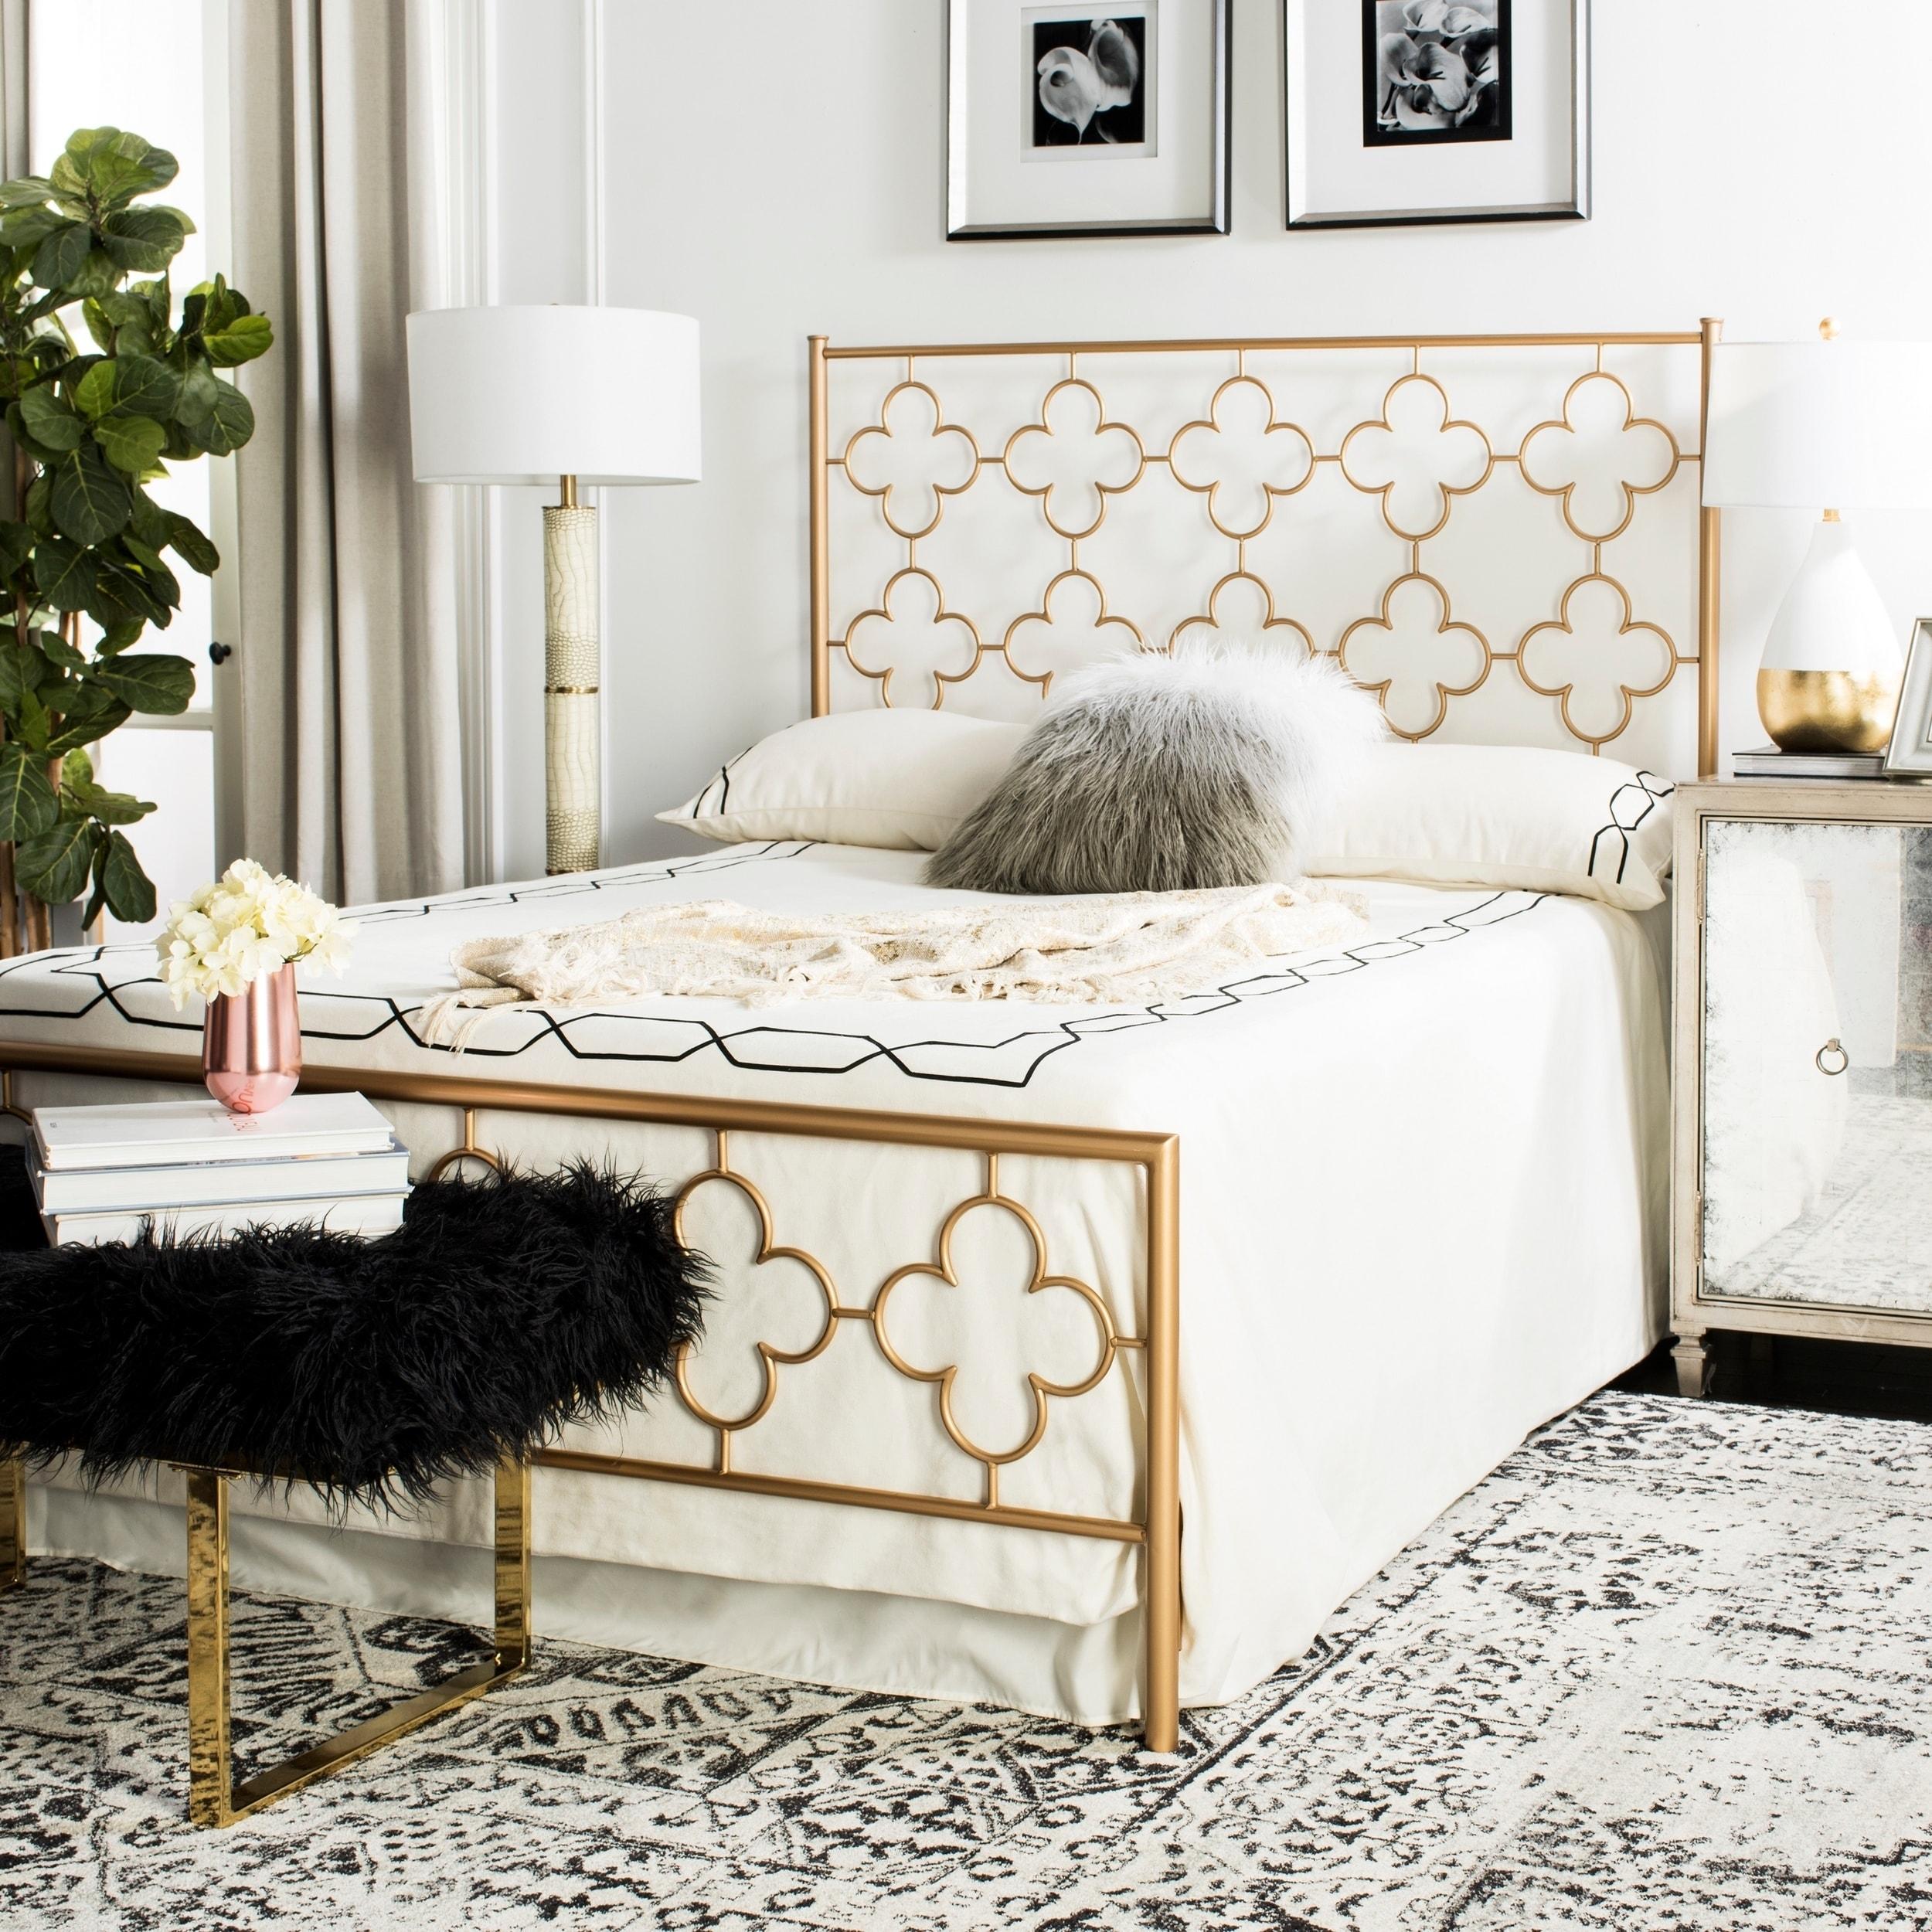 Safavieh Bedding Morris Lattice Metal Queen Size Bed Antique Gold Overstock 22287128